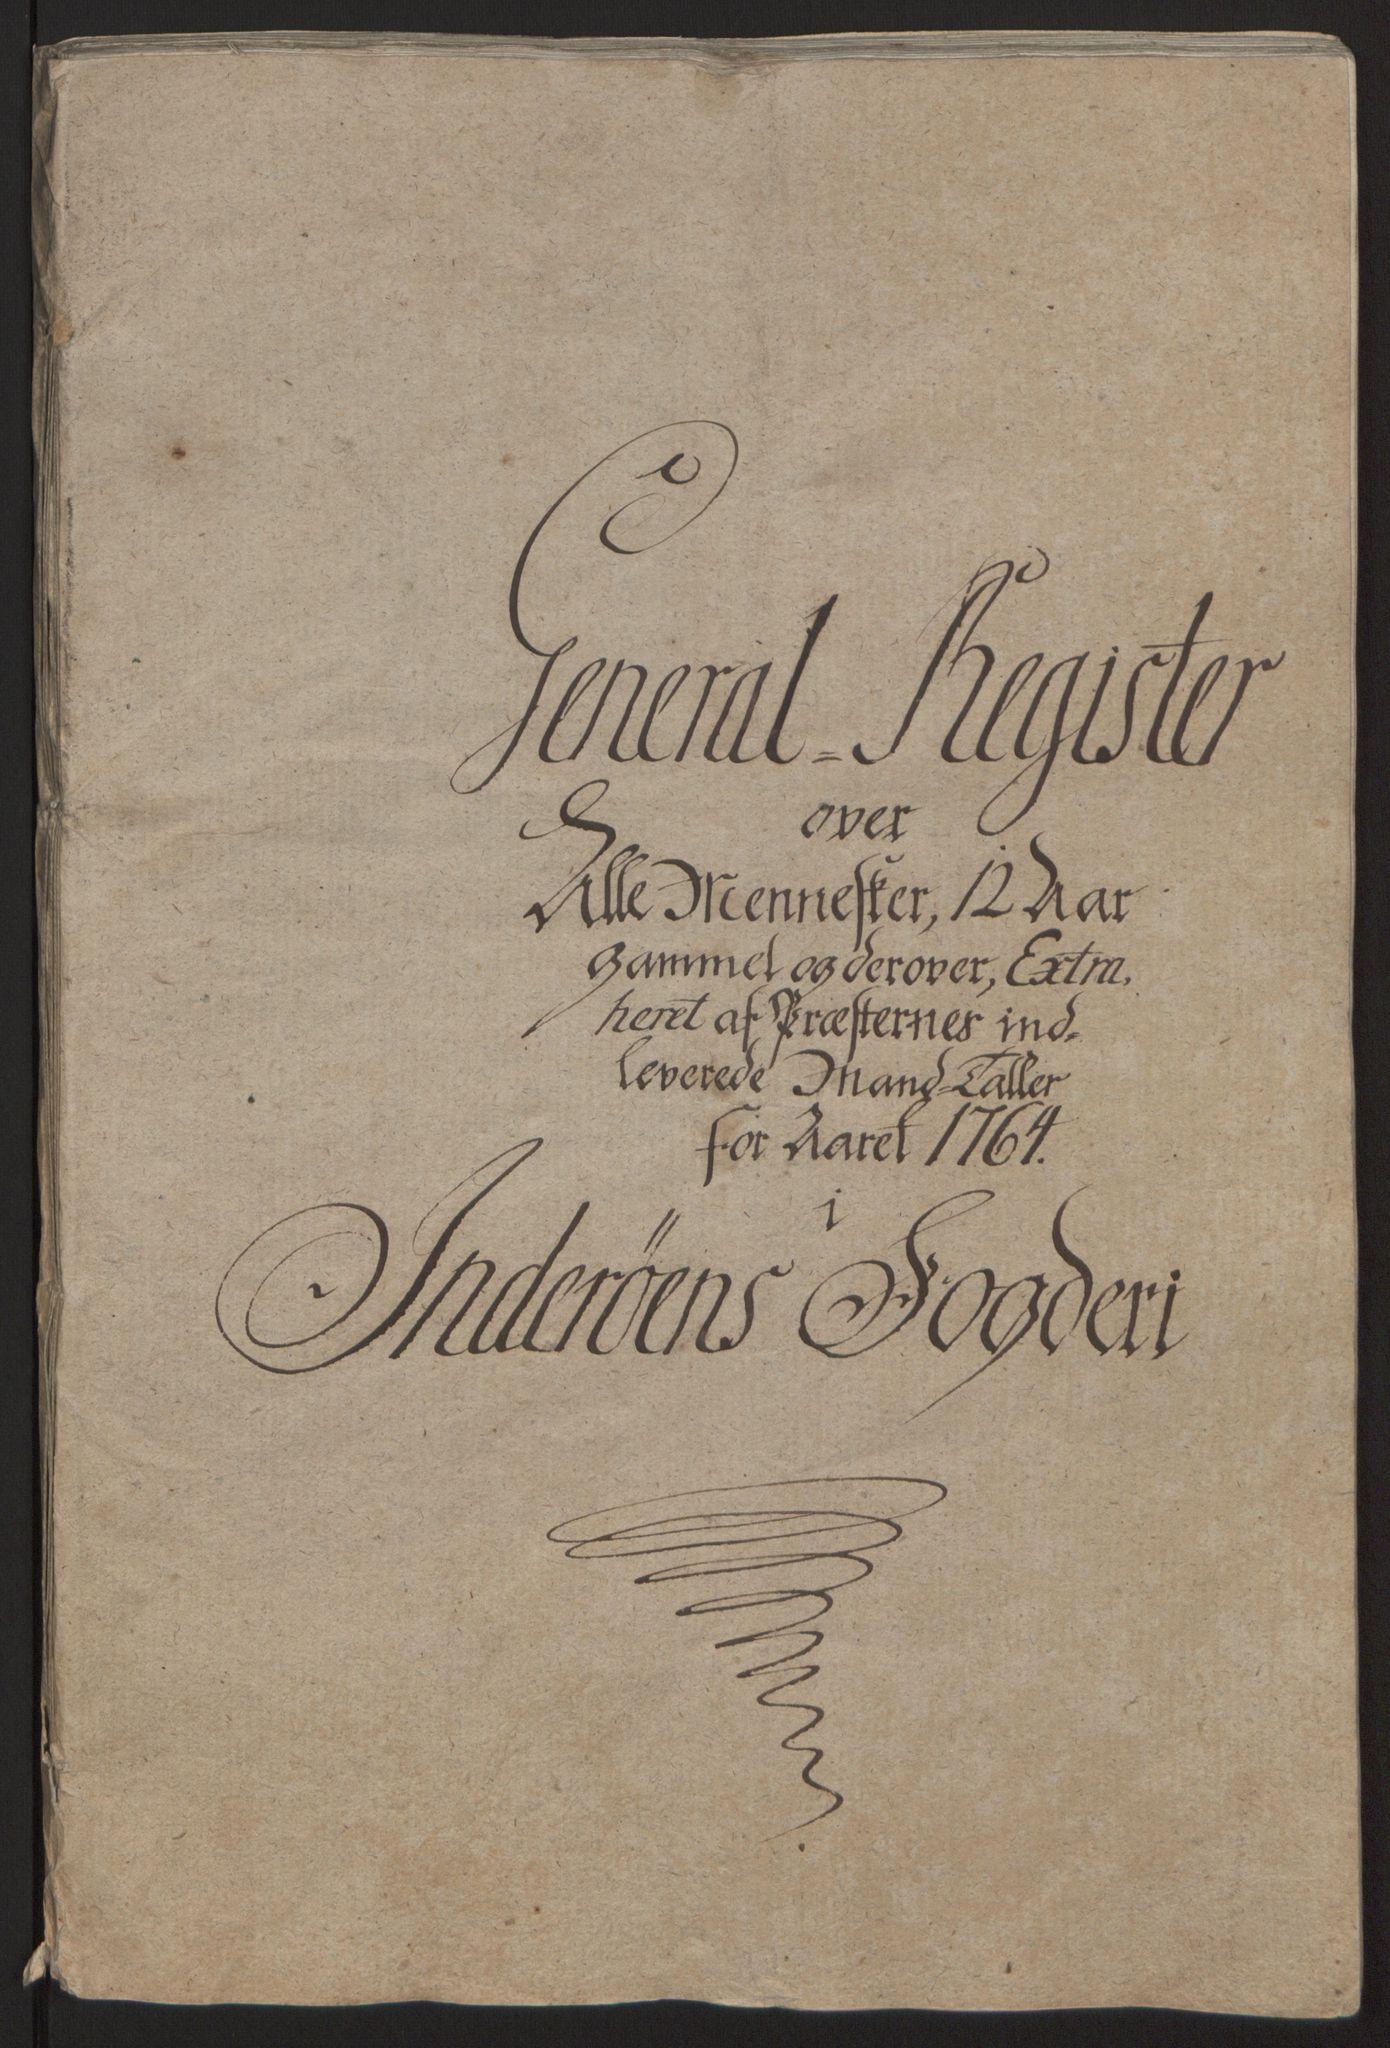 RA, Rentekammeret inntil 1814, Reviderte regnskaper, Fogderegnskap, R63/L4420: Ekstraskatten Inderøy, 1762-1772, s. 94